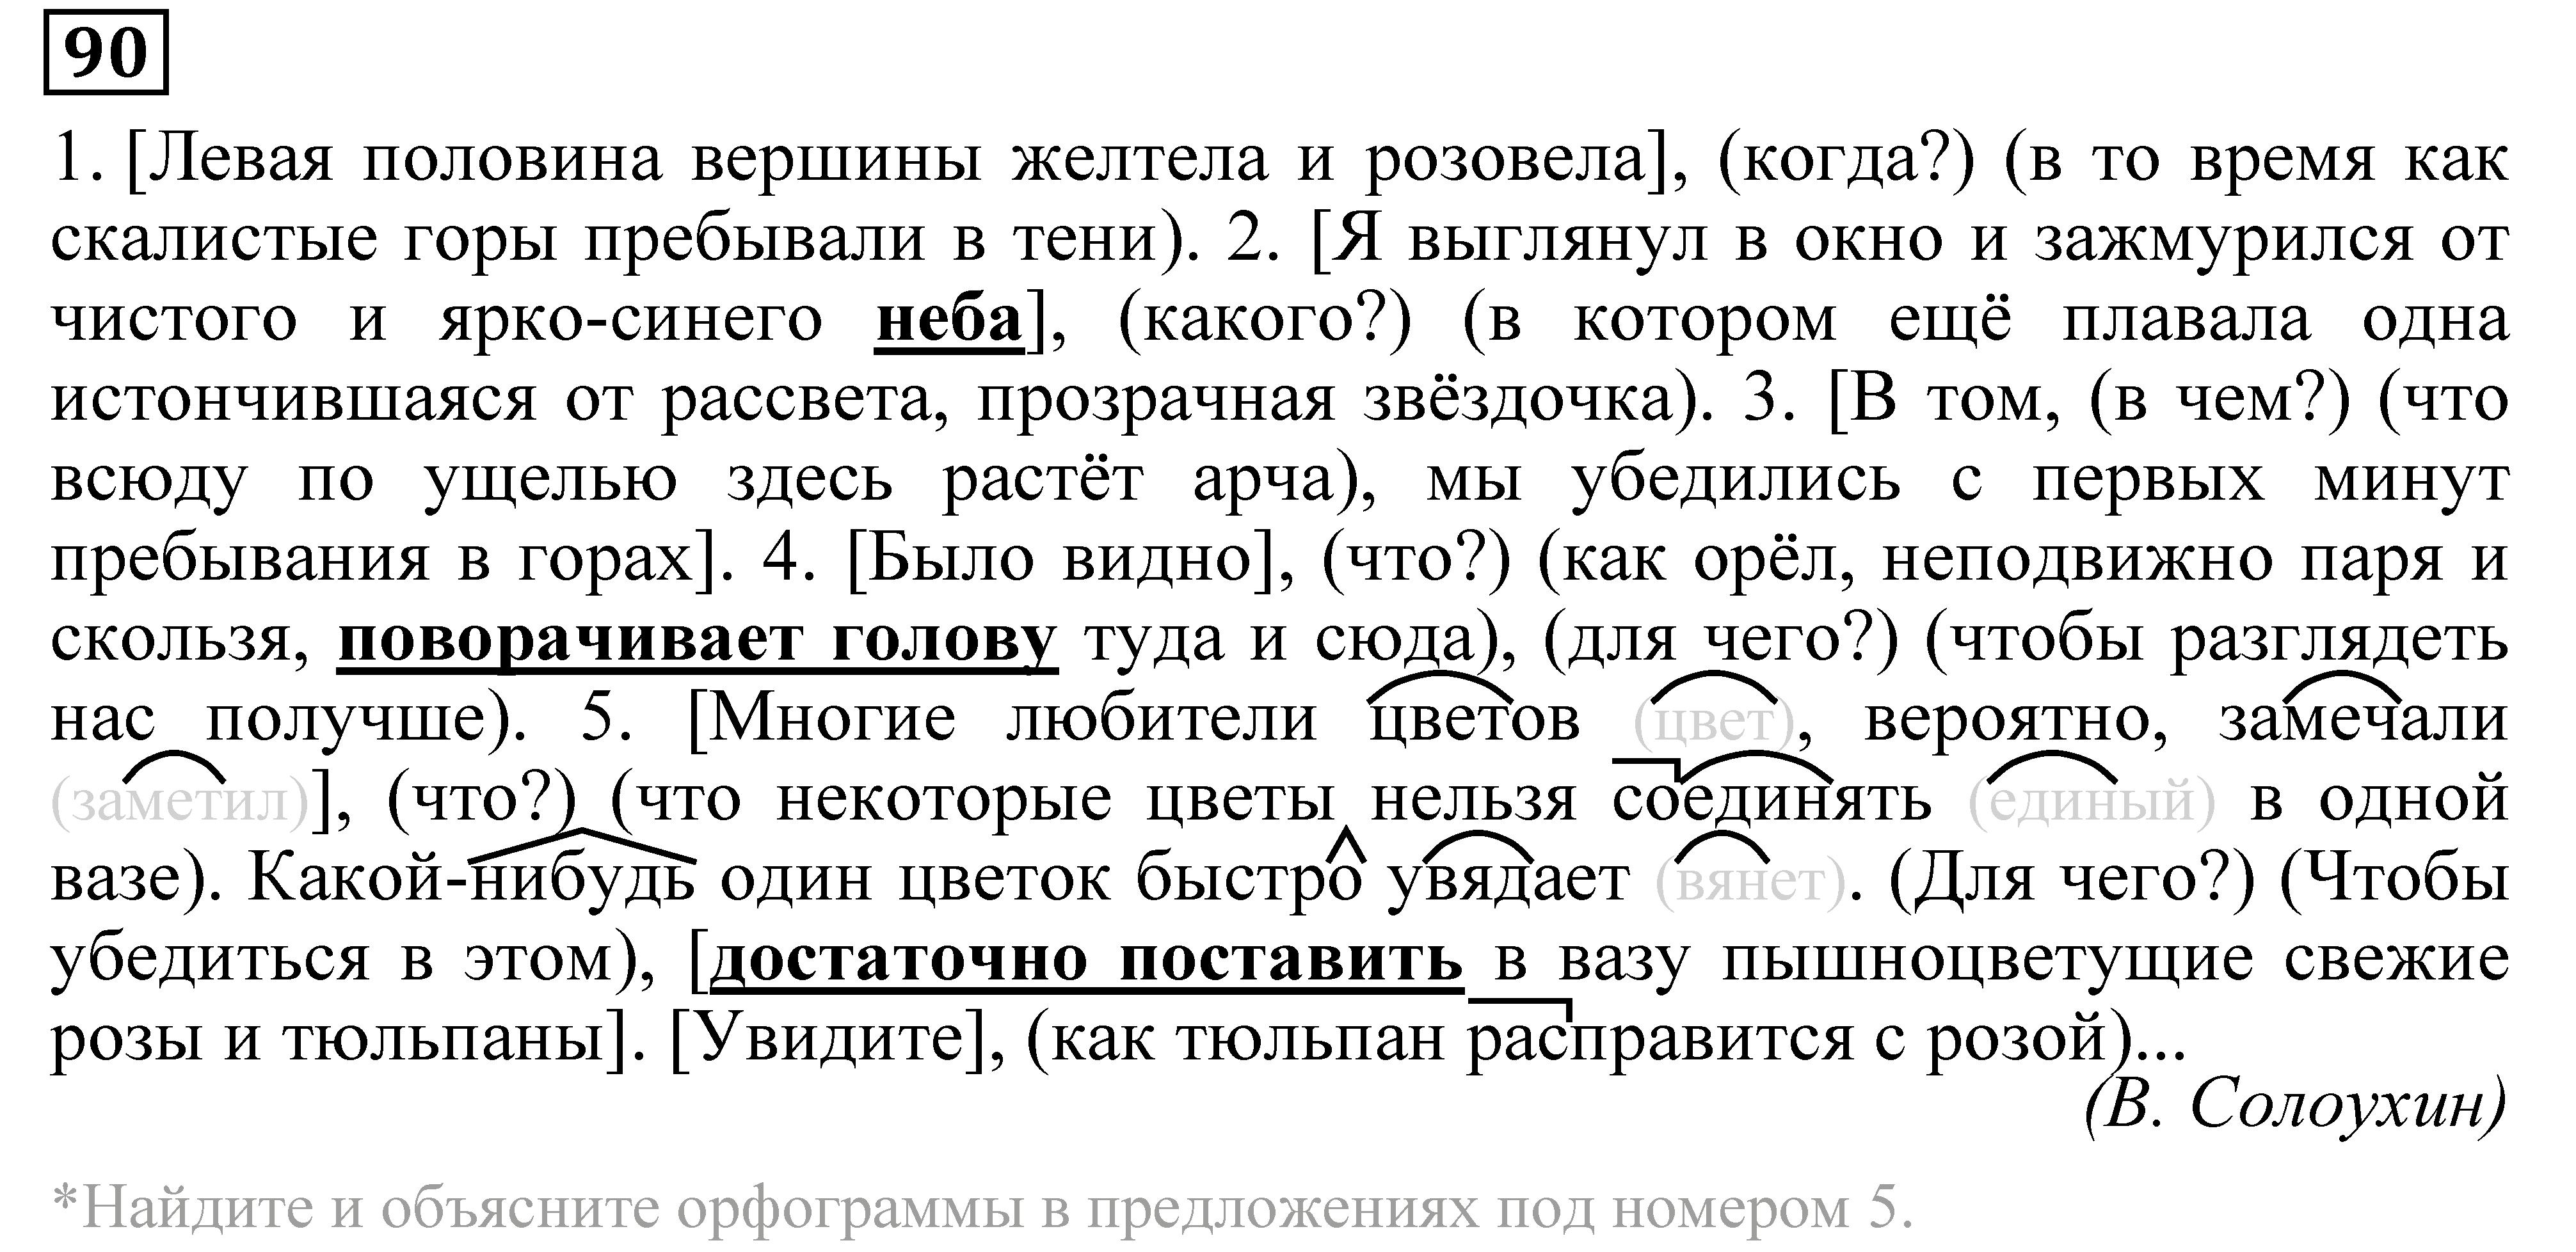 Решебник по 9 класс по русскому языку пичугов.